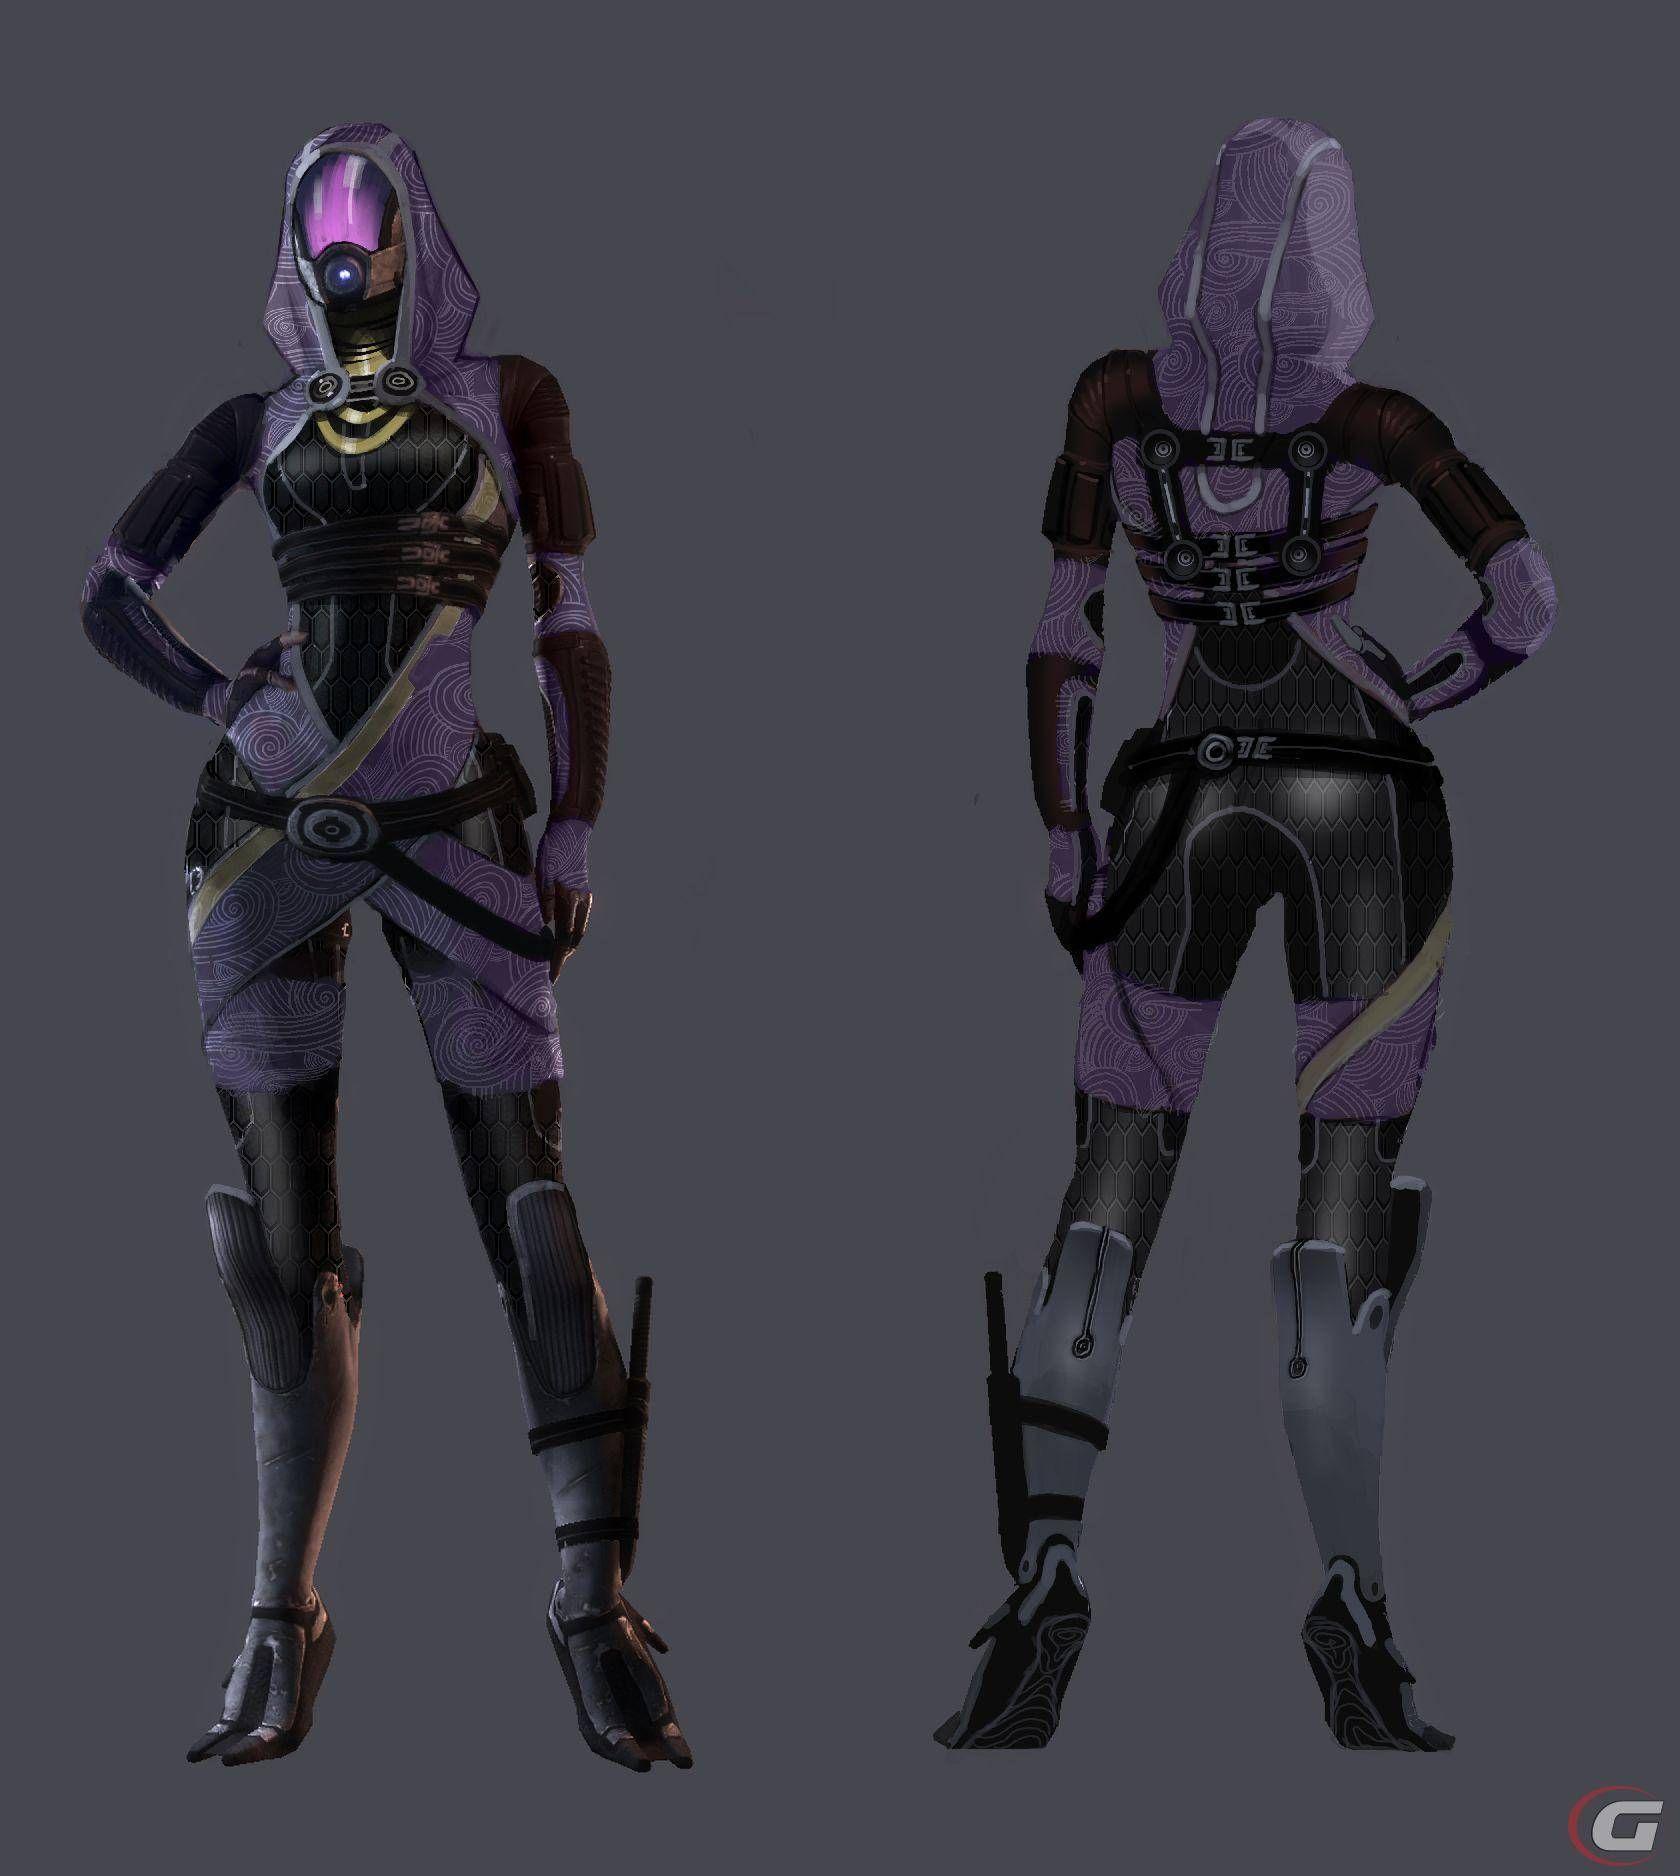 tali zorah mass effect costume cosplay ideas pinterest concept